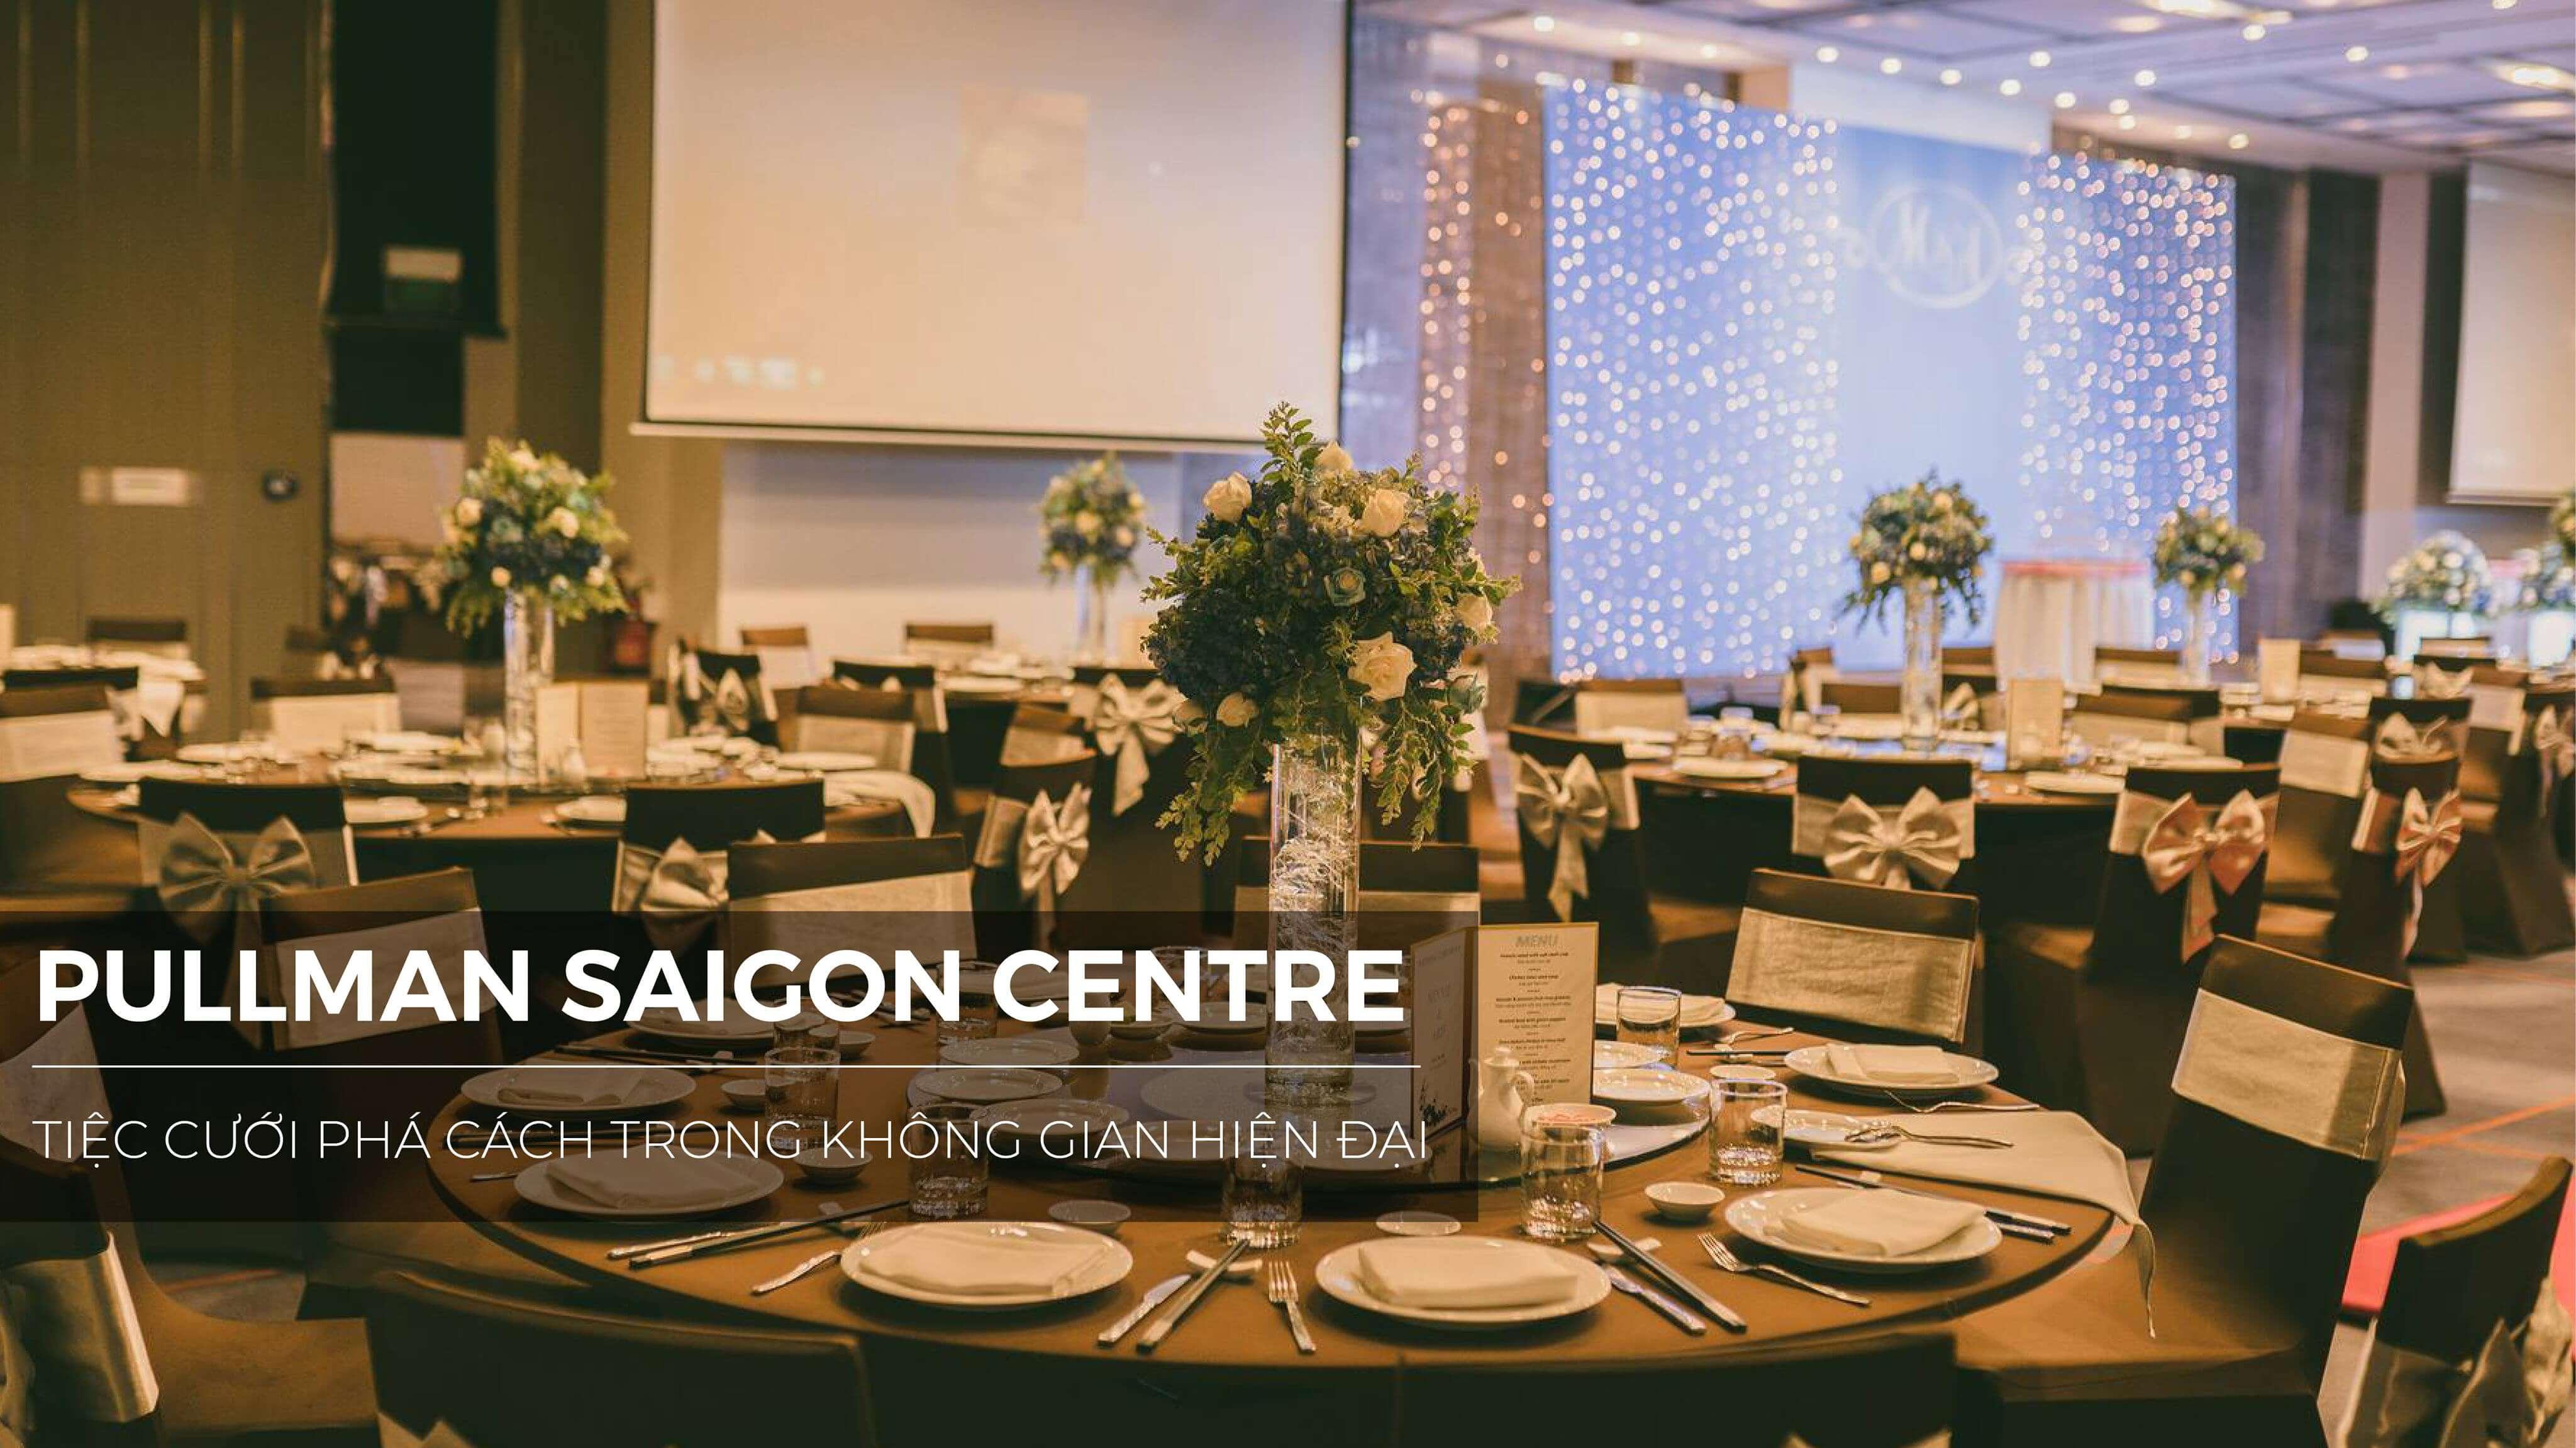 Pullman Saigon Centre Marry